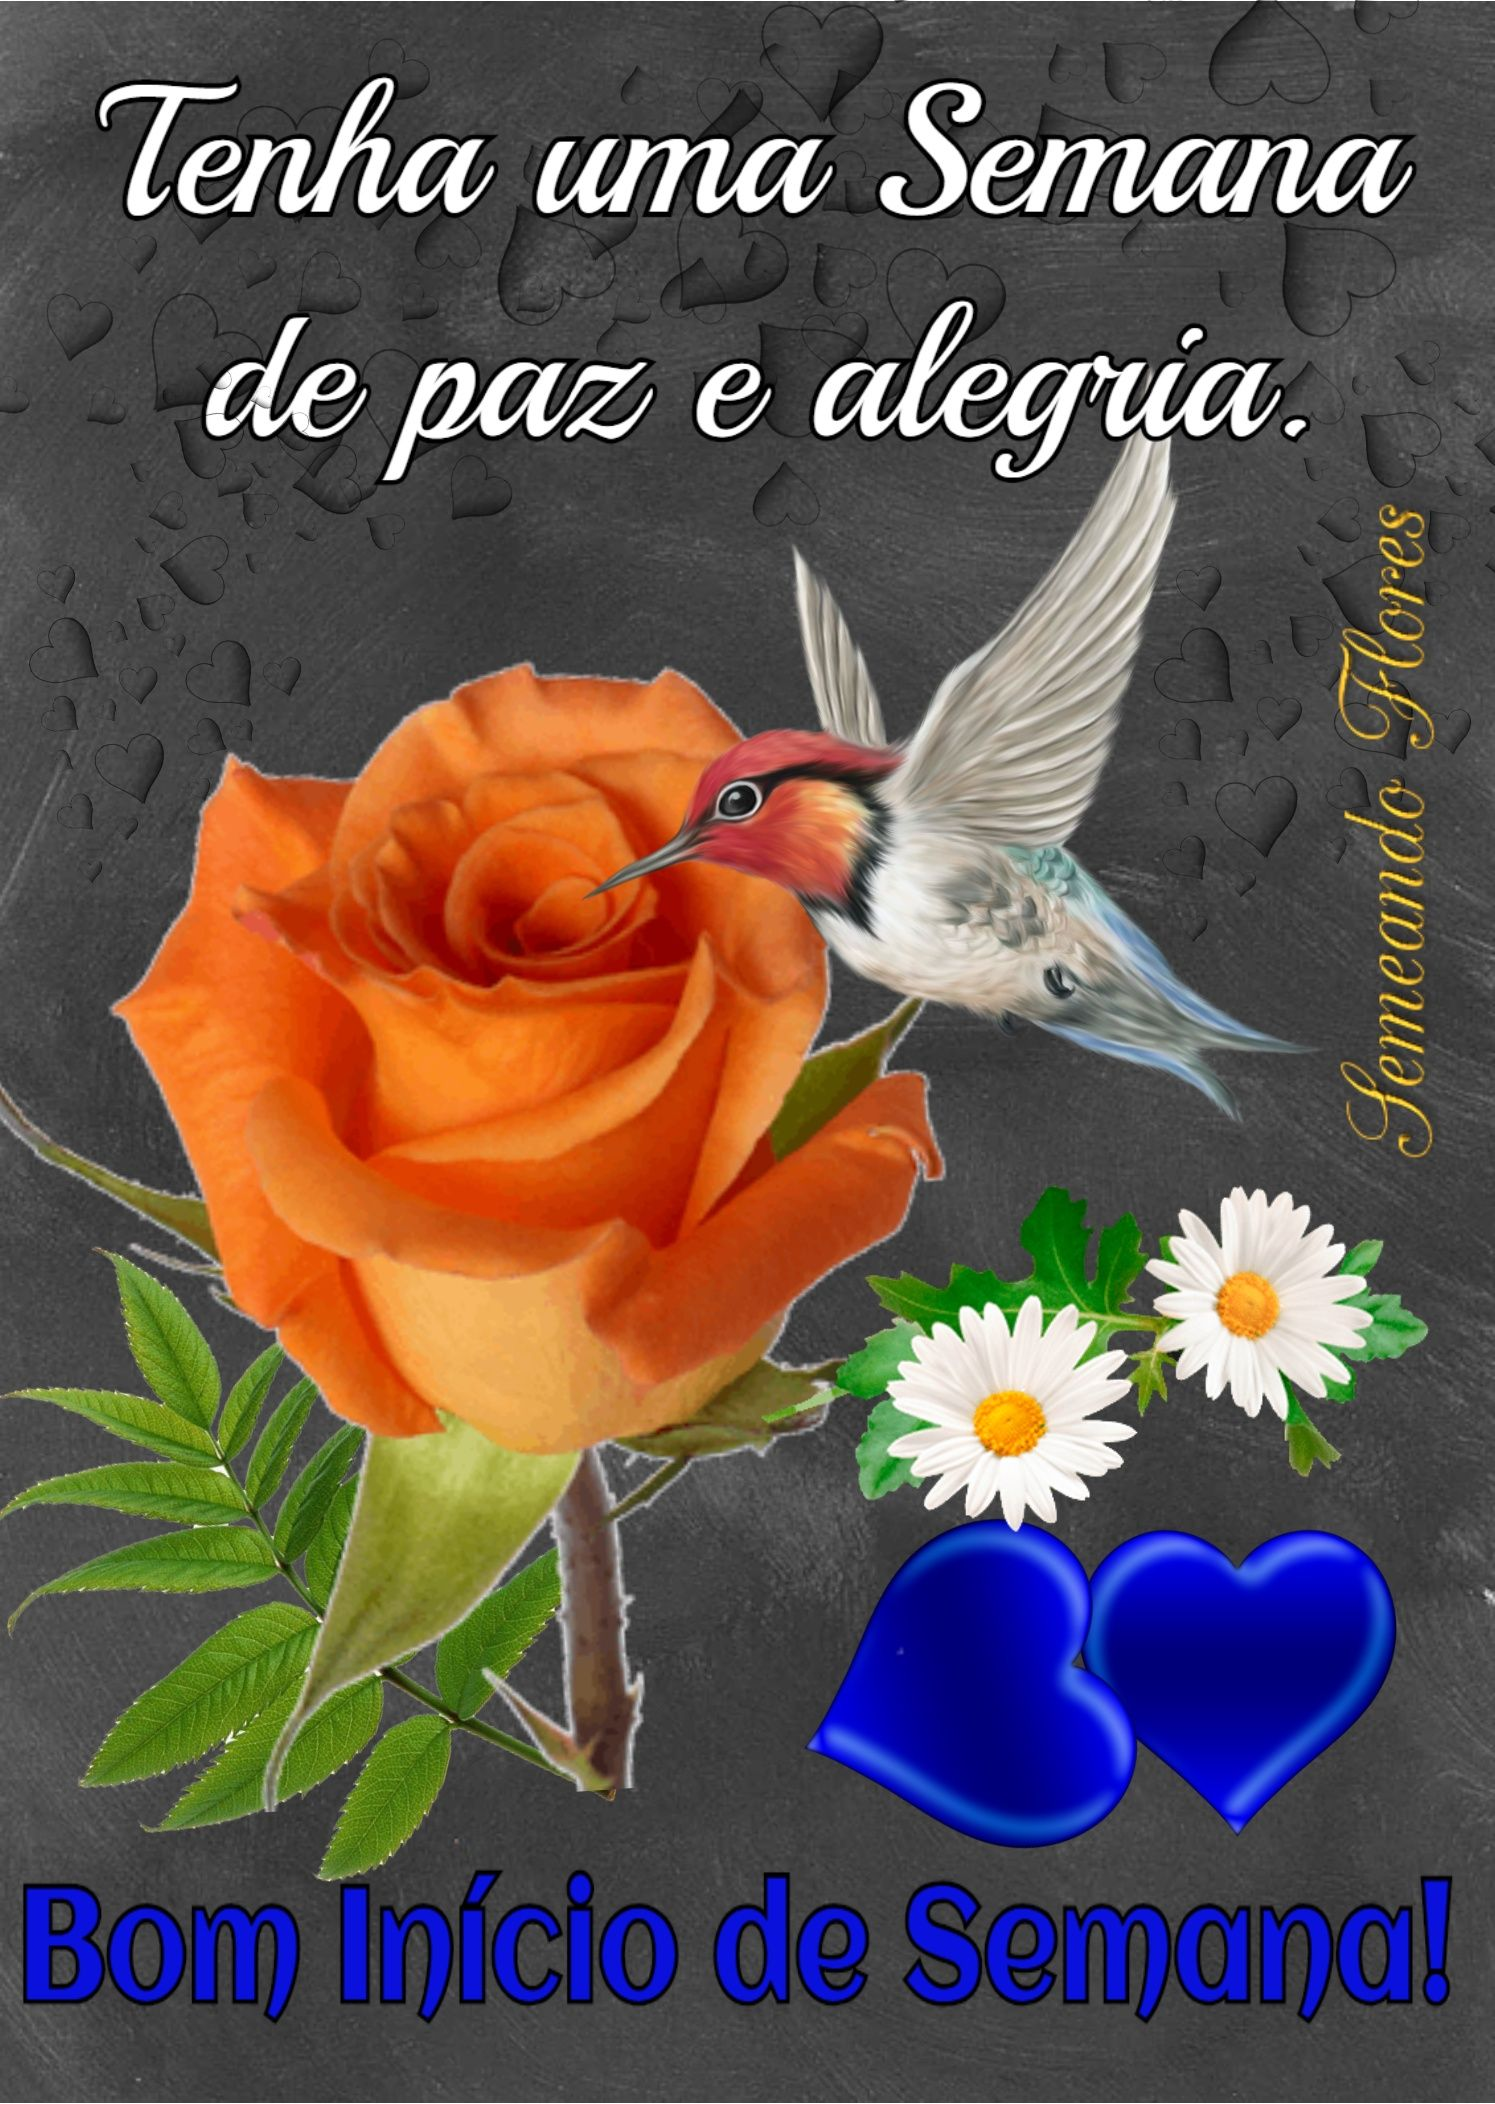 Pin De Antonia Moreira Santos Em Semana Com Imagens Mensagem